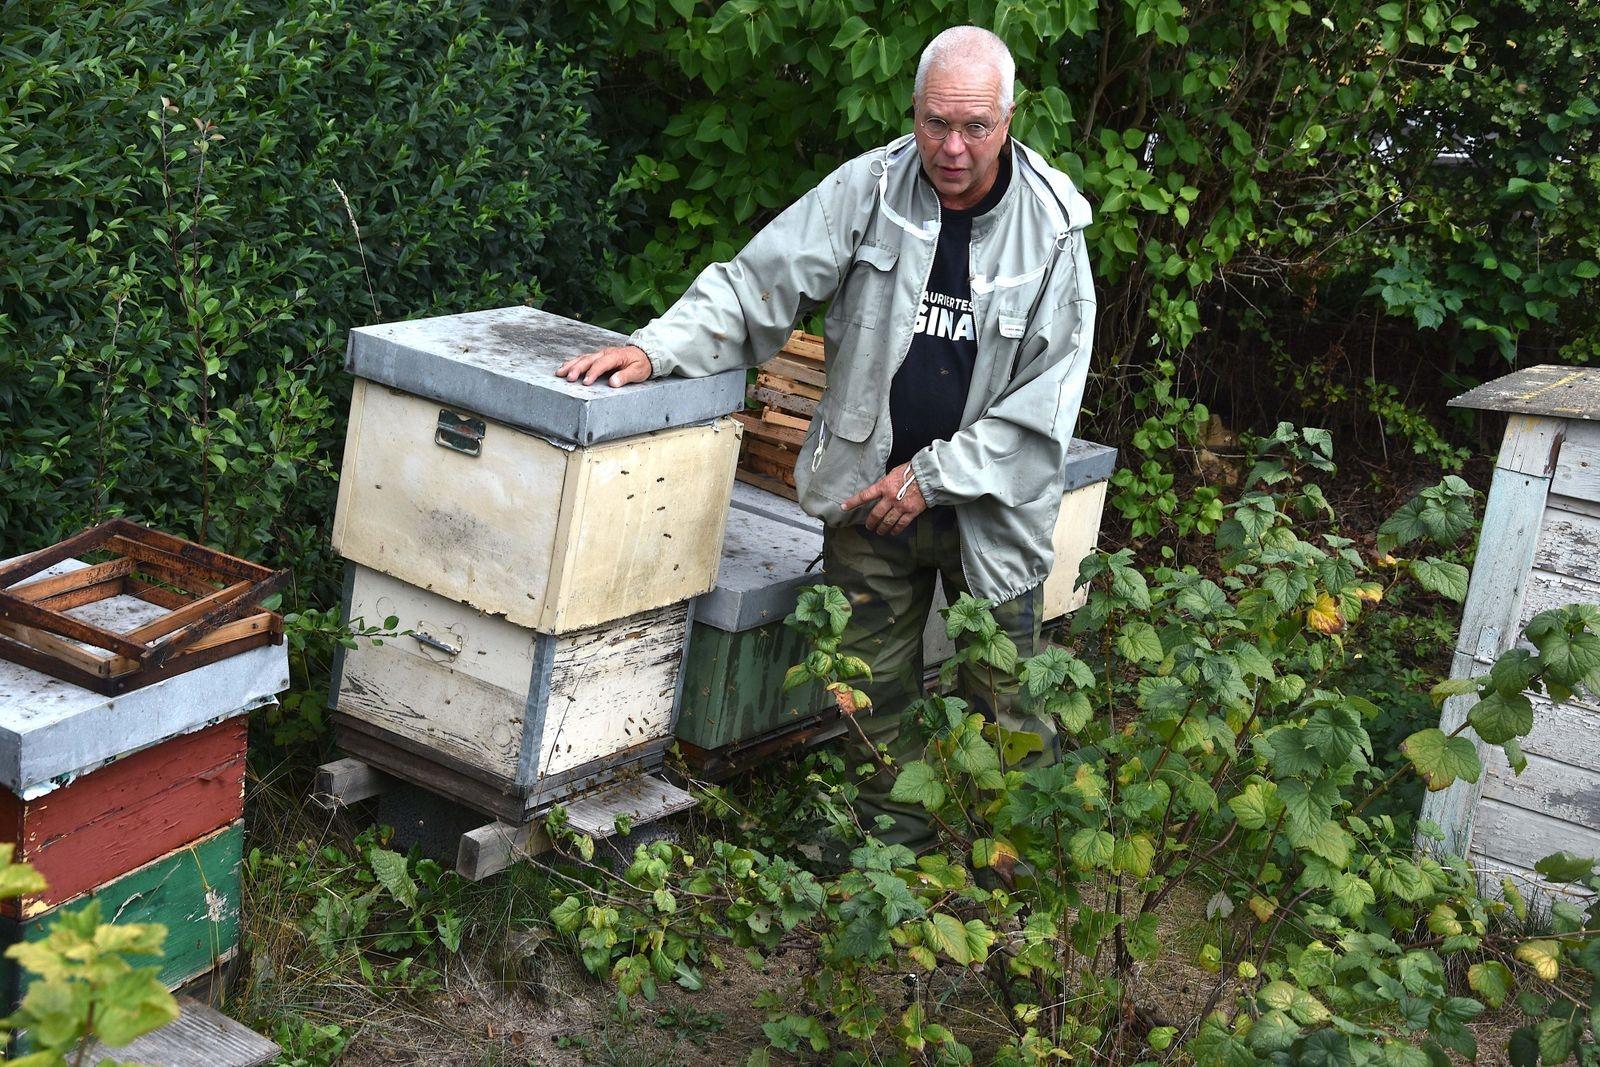 Bo Herou började med biodling 1982, då han bodde vid Stenshuvud. Det var ett sätt att få bra pollinering av den egna fruktodlingen. Bortsett från ett kort uppehåll på 90-talet har han sedan dess fortsatt med och utökat sin biodling, som i dag finns i Onslunda.